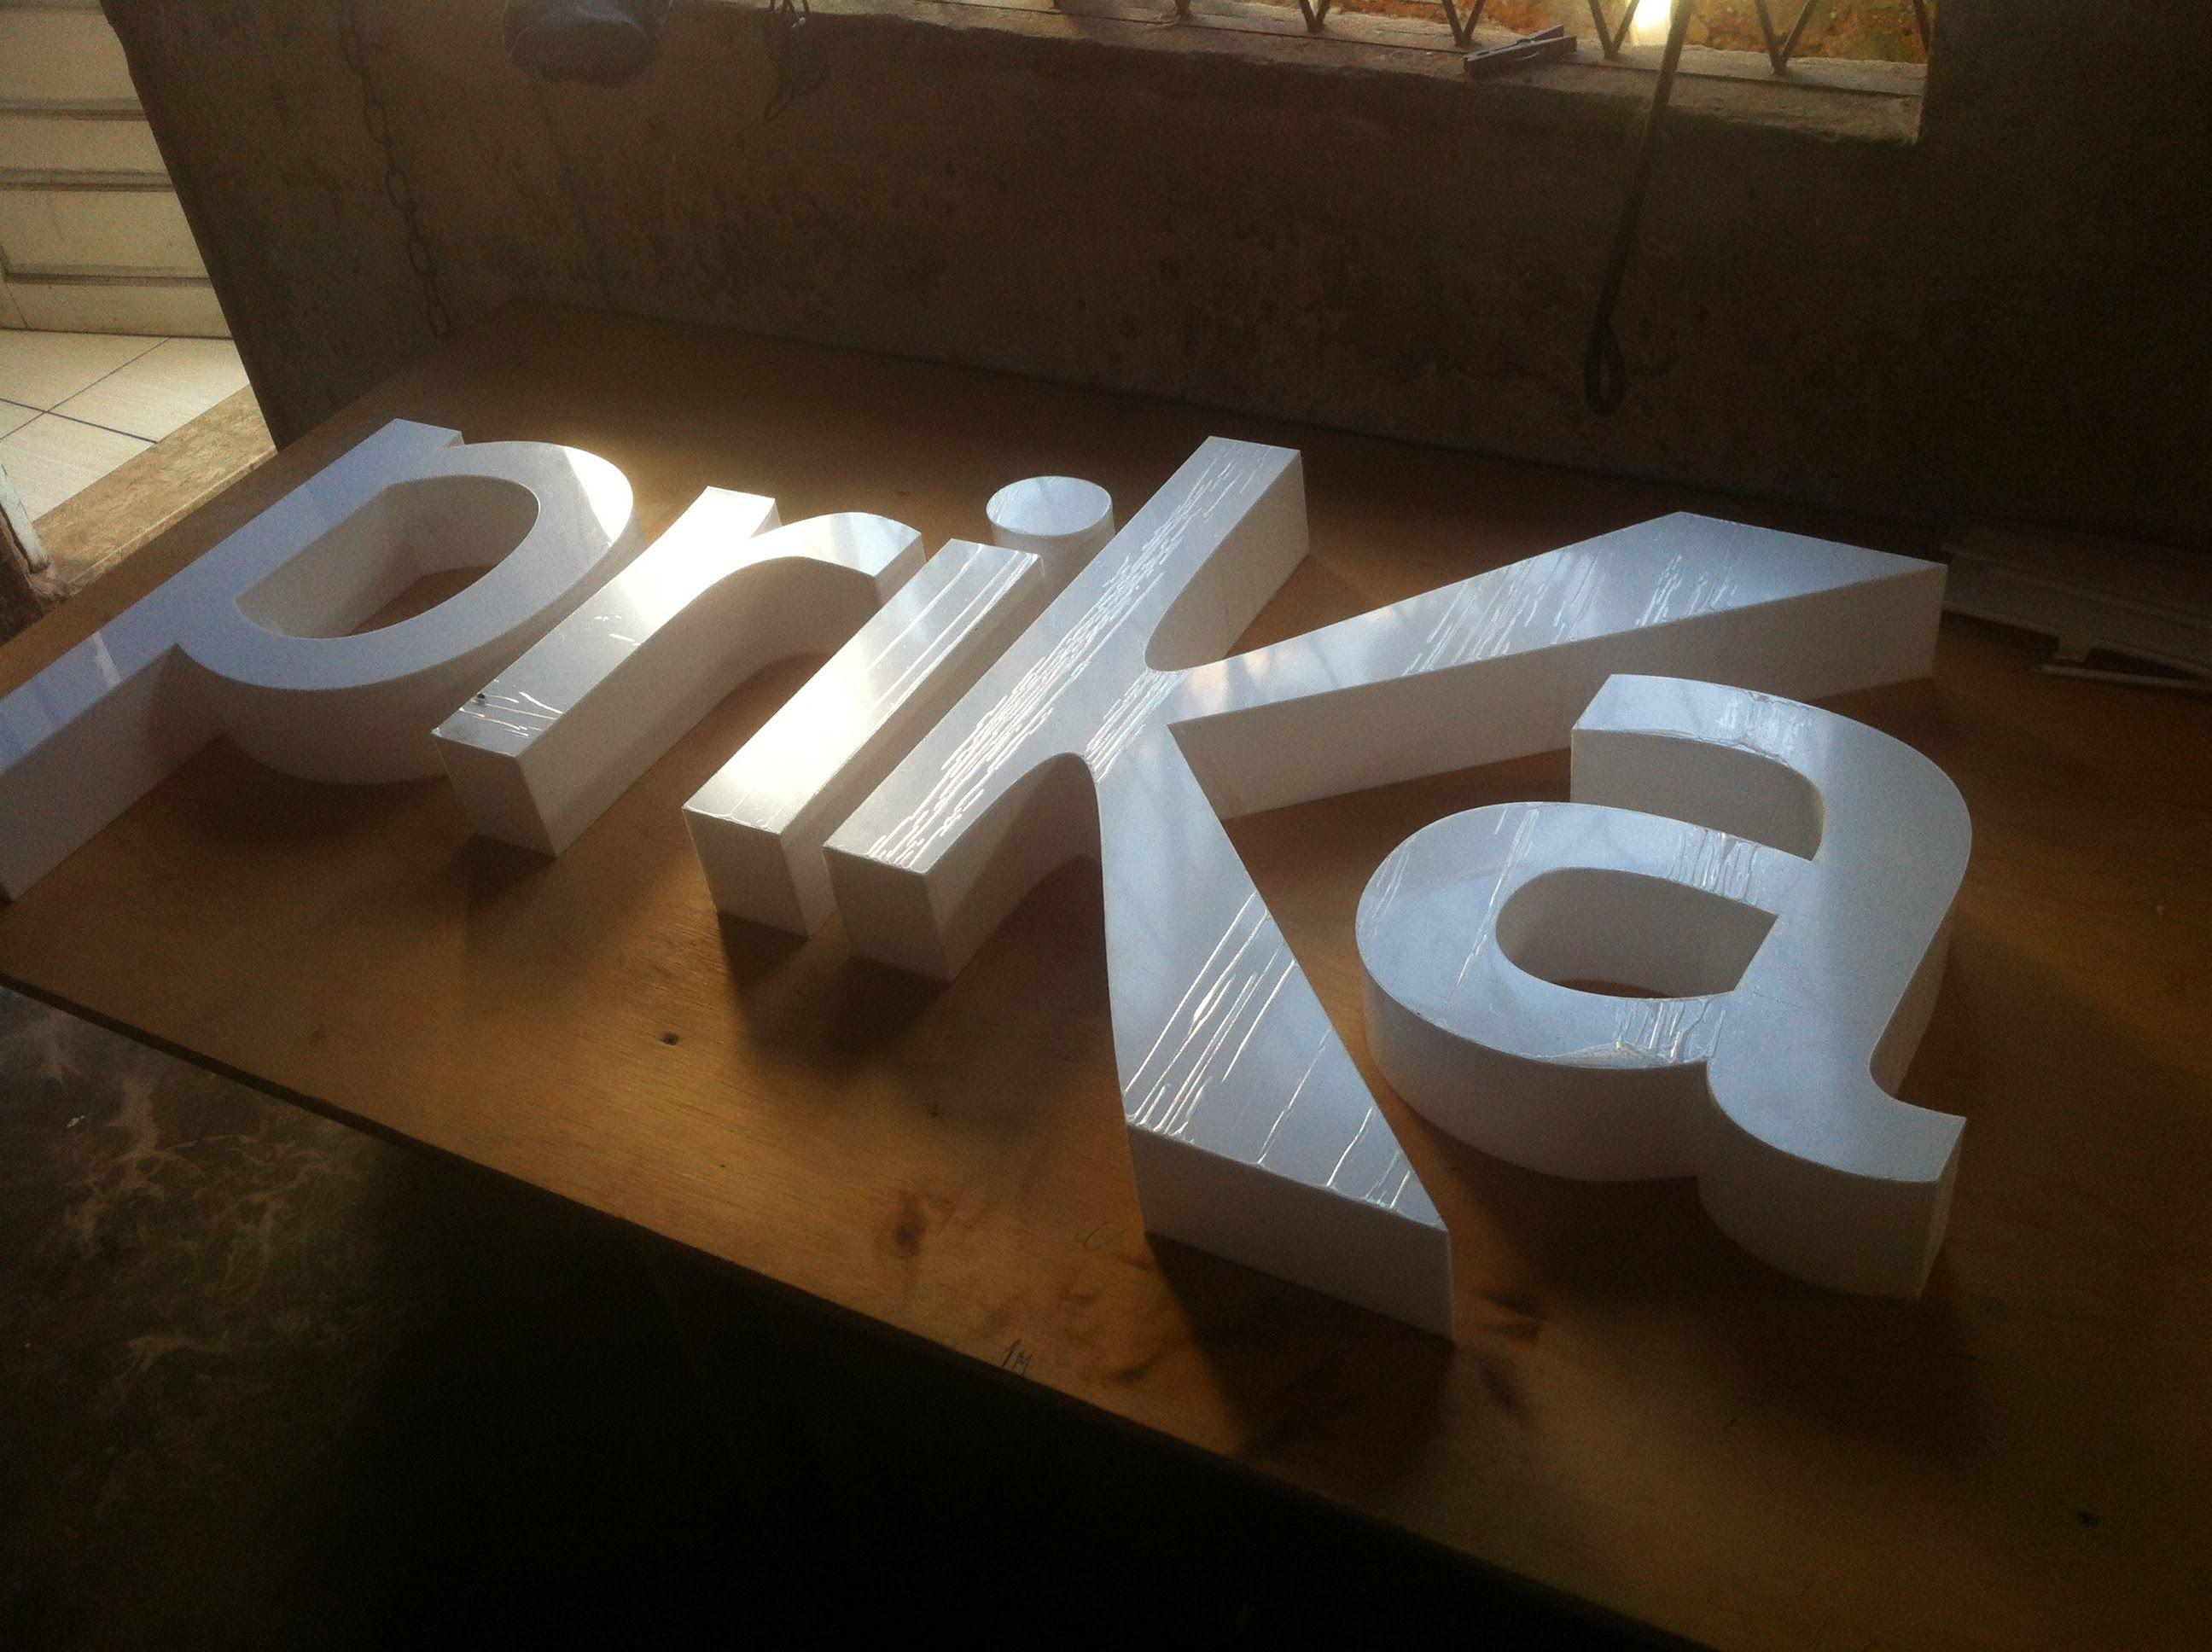 Letras de Acrílico com iluminação em LED rgb